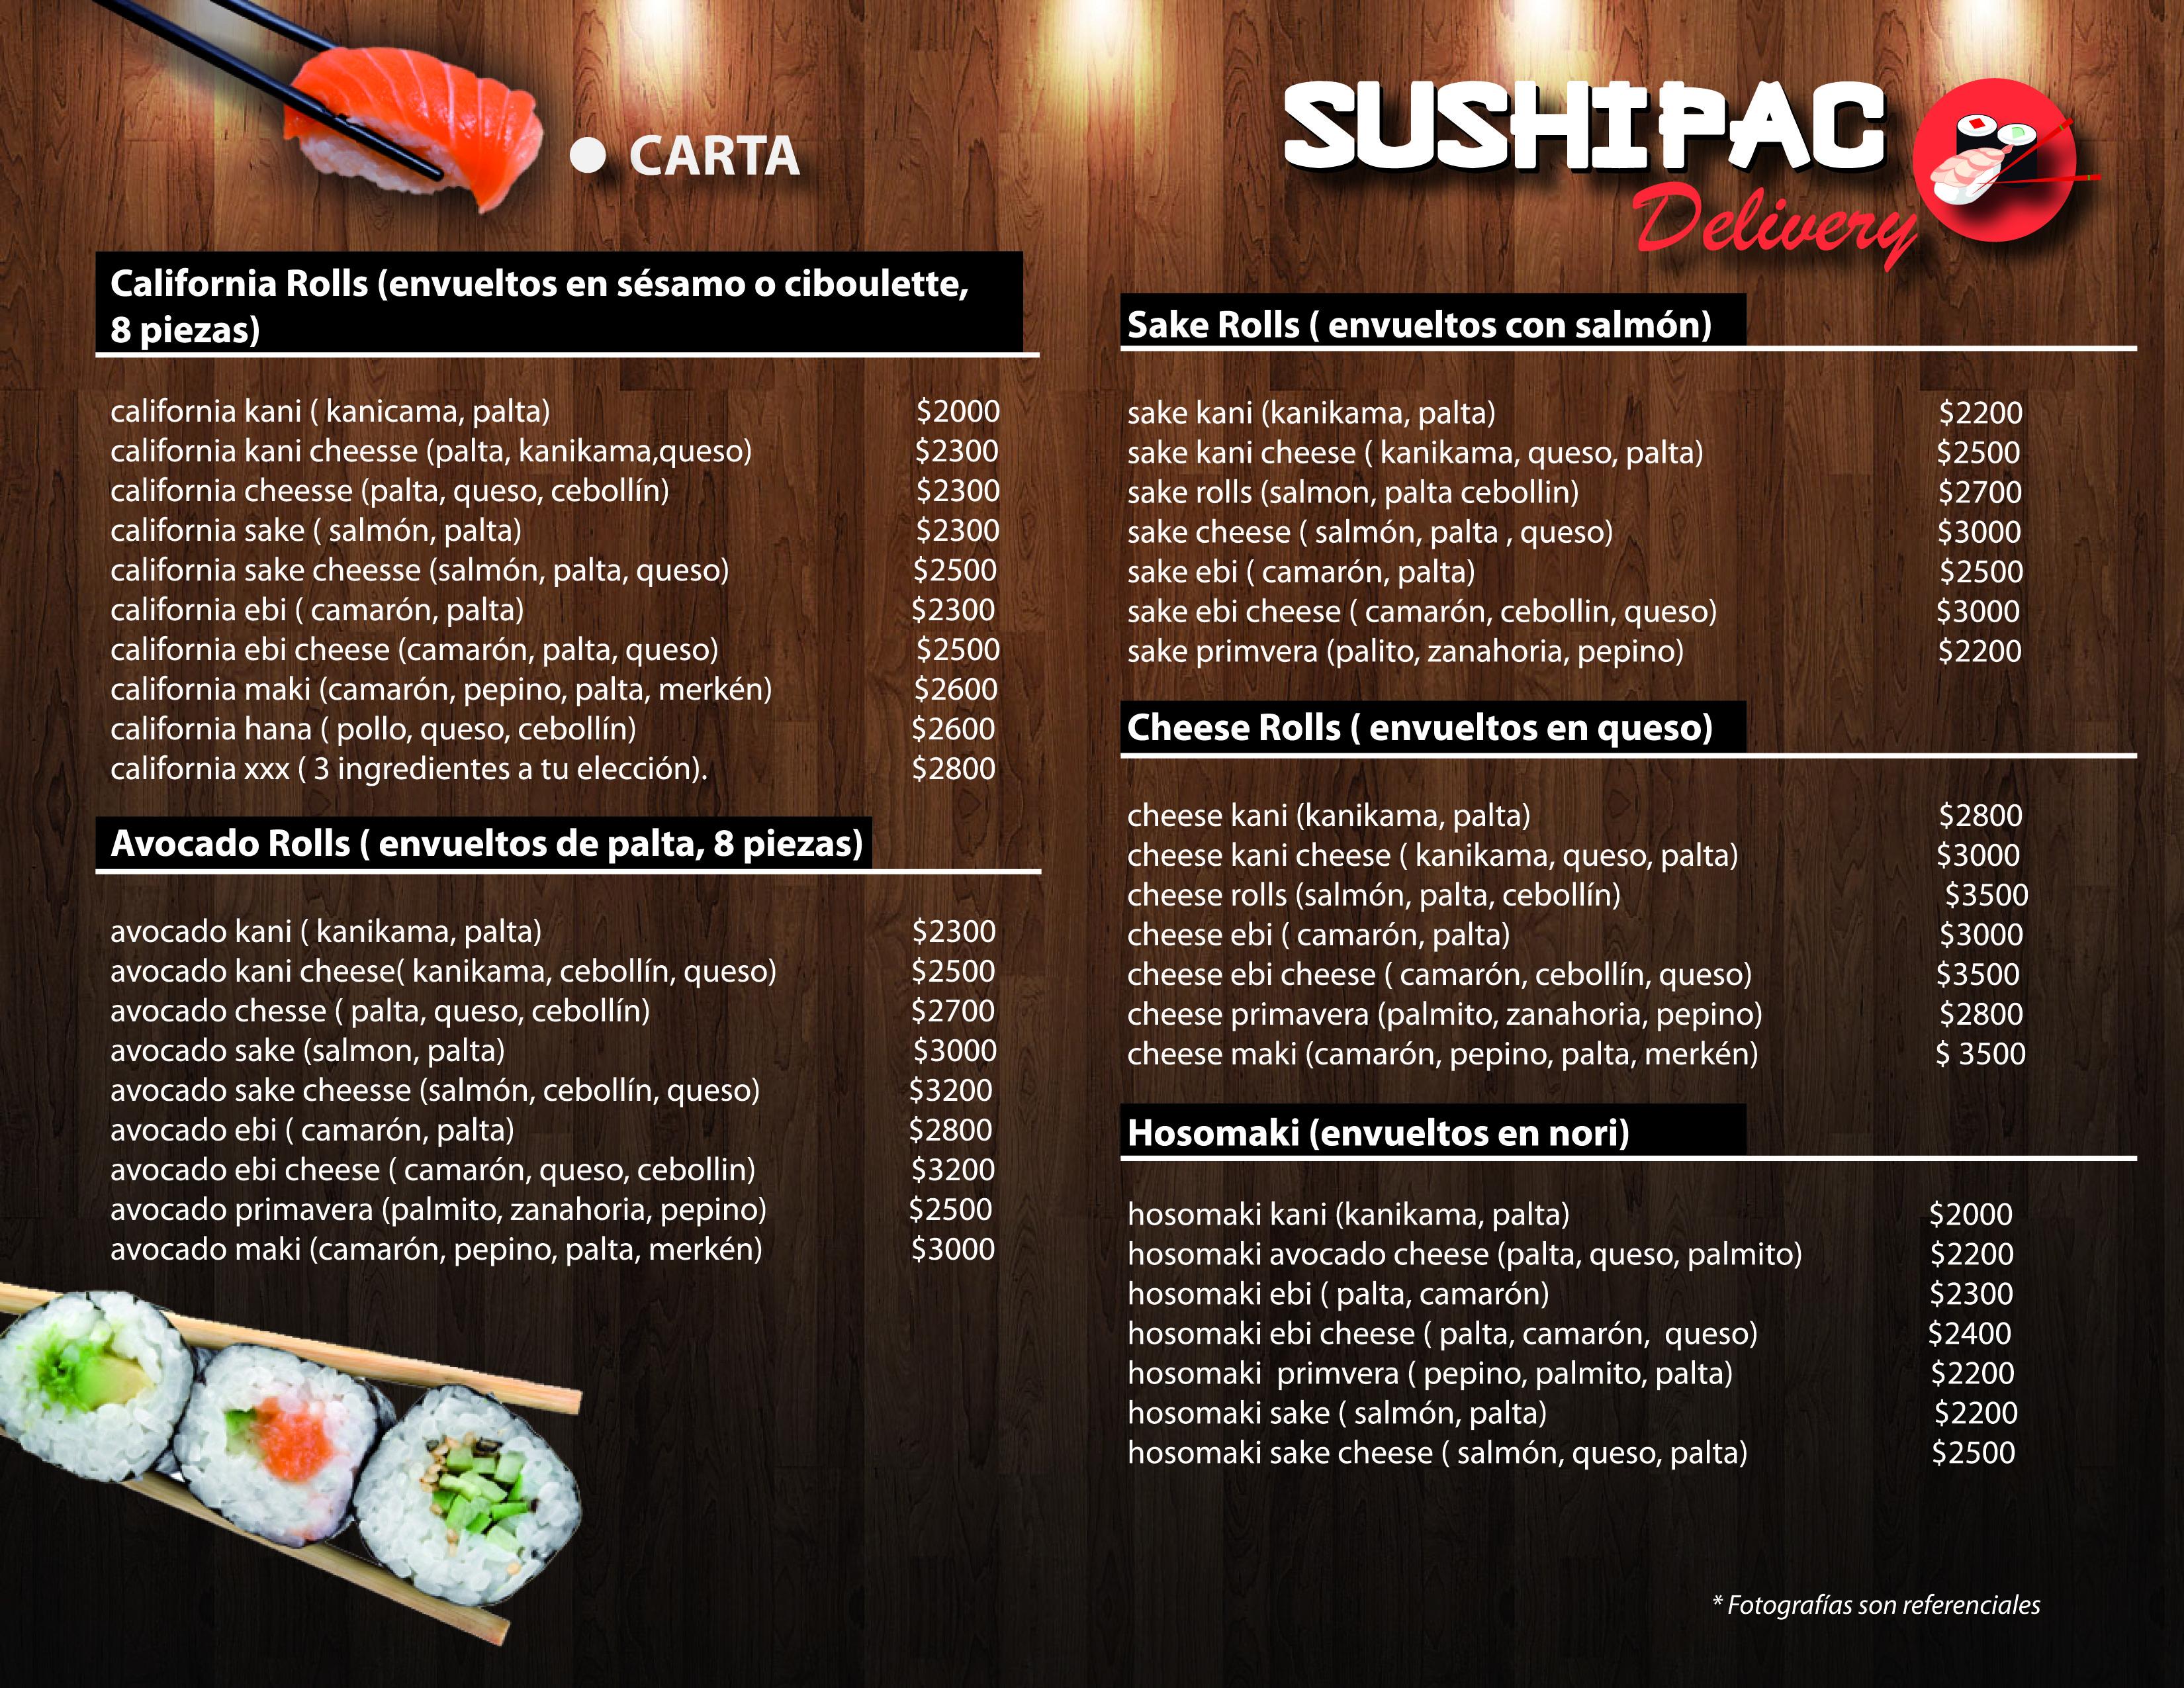 Menú Sushi Pac